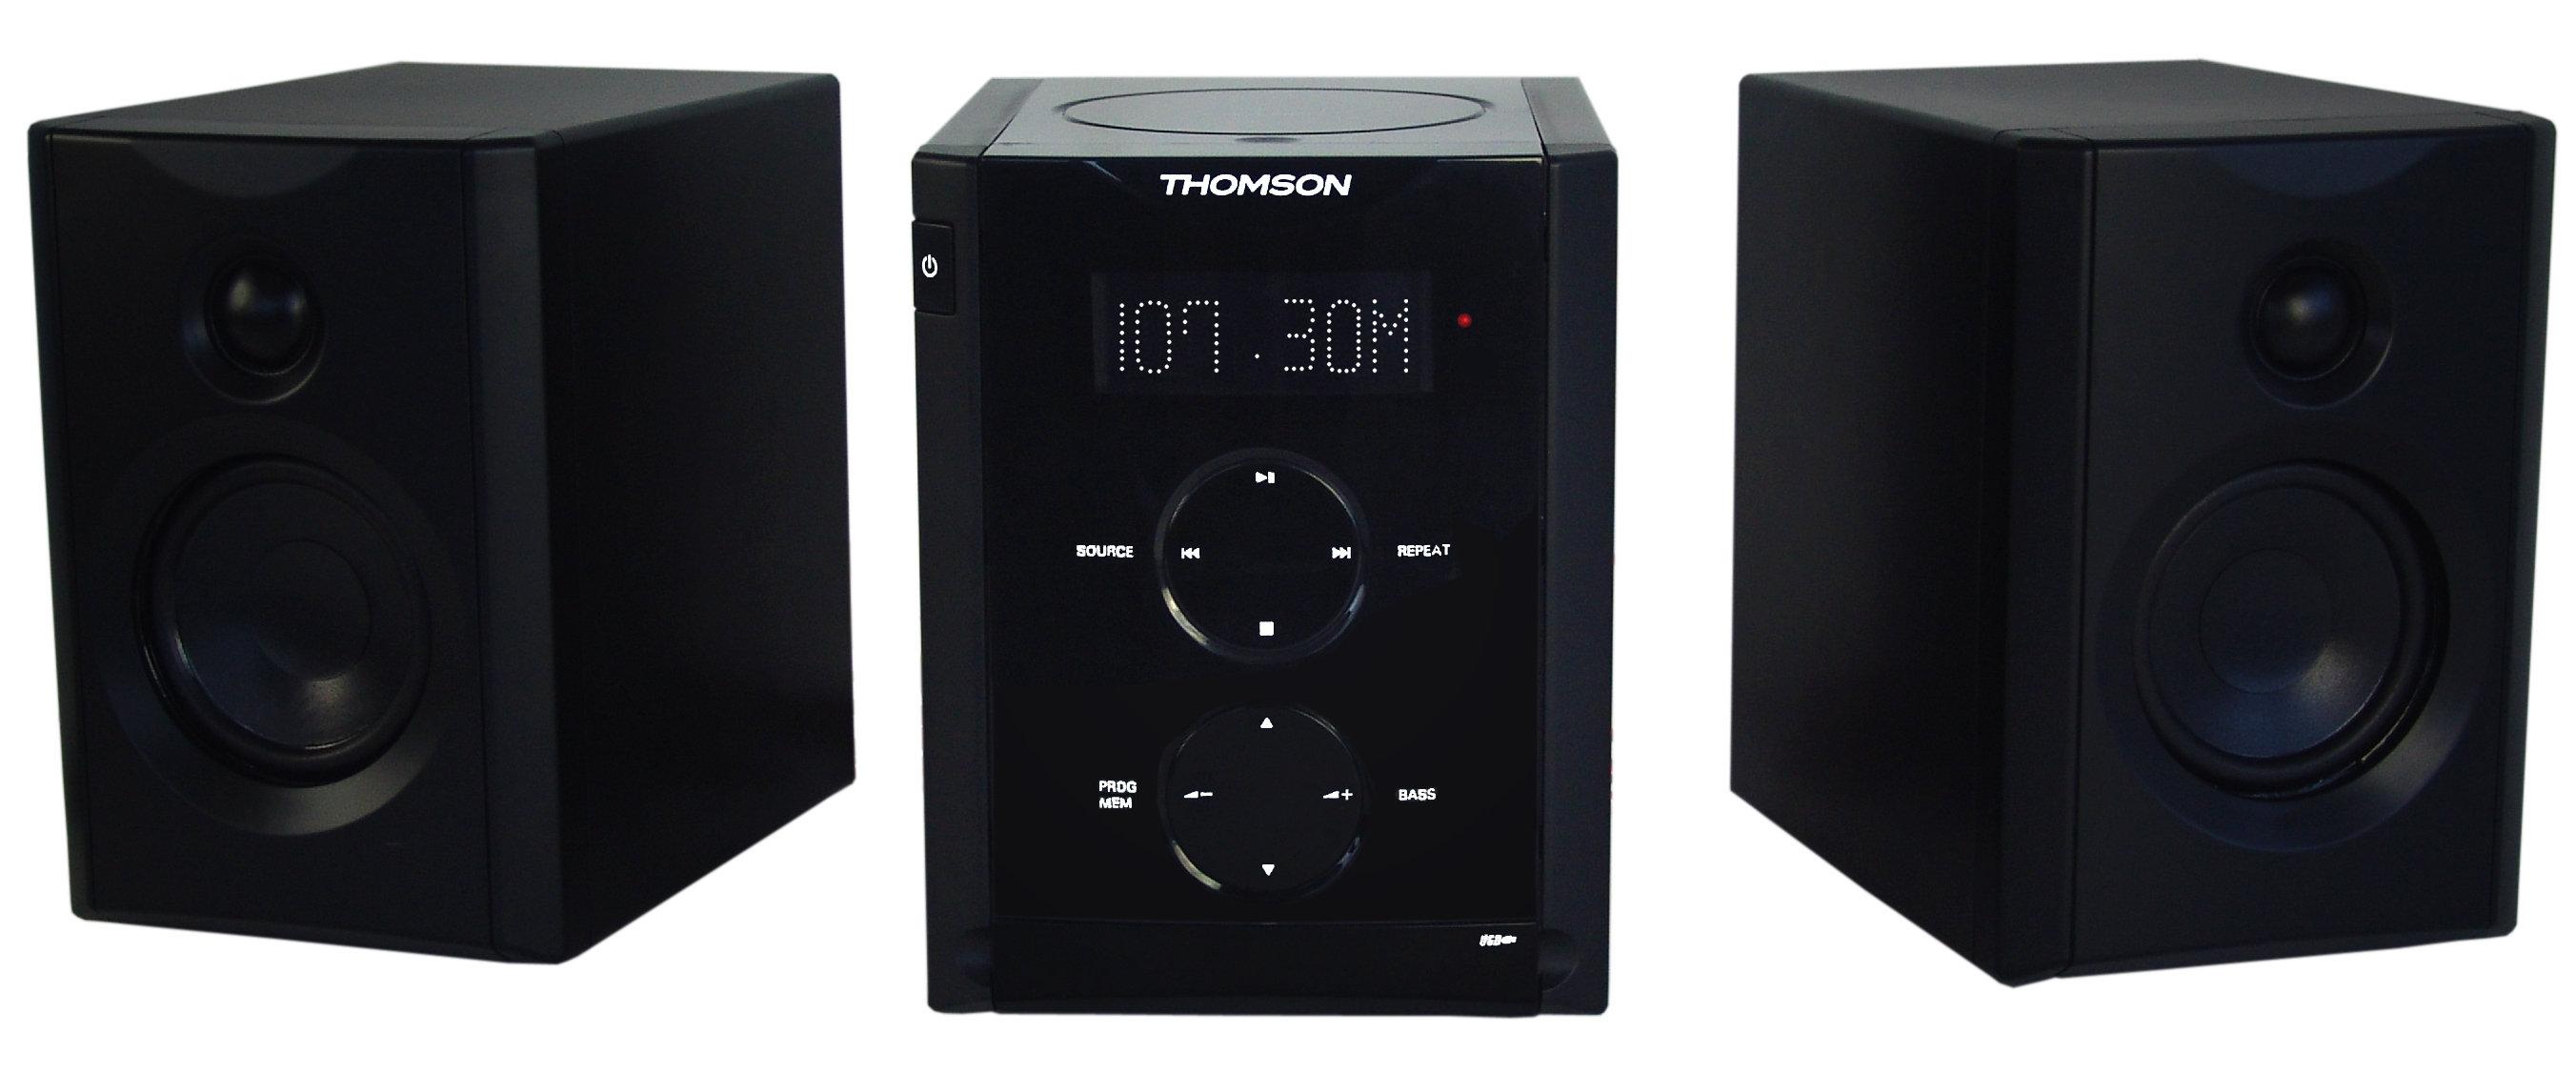 thomson mic 200 impianto stereo con radio orologio mp3 cd. Black Bedroom Furniture Sets. Home Design Ideas